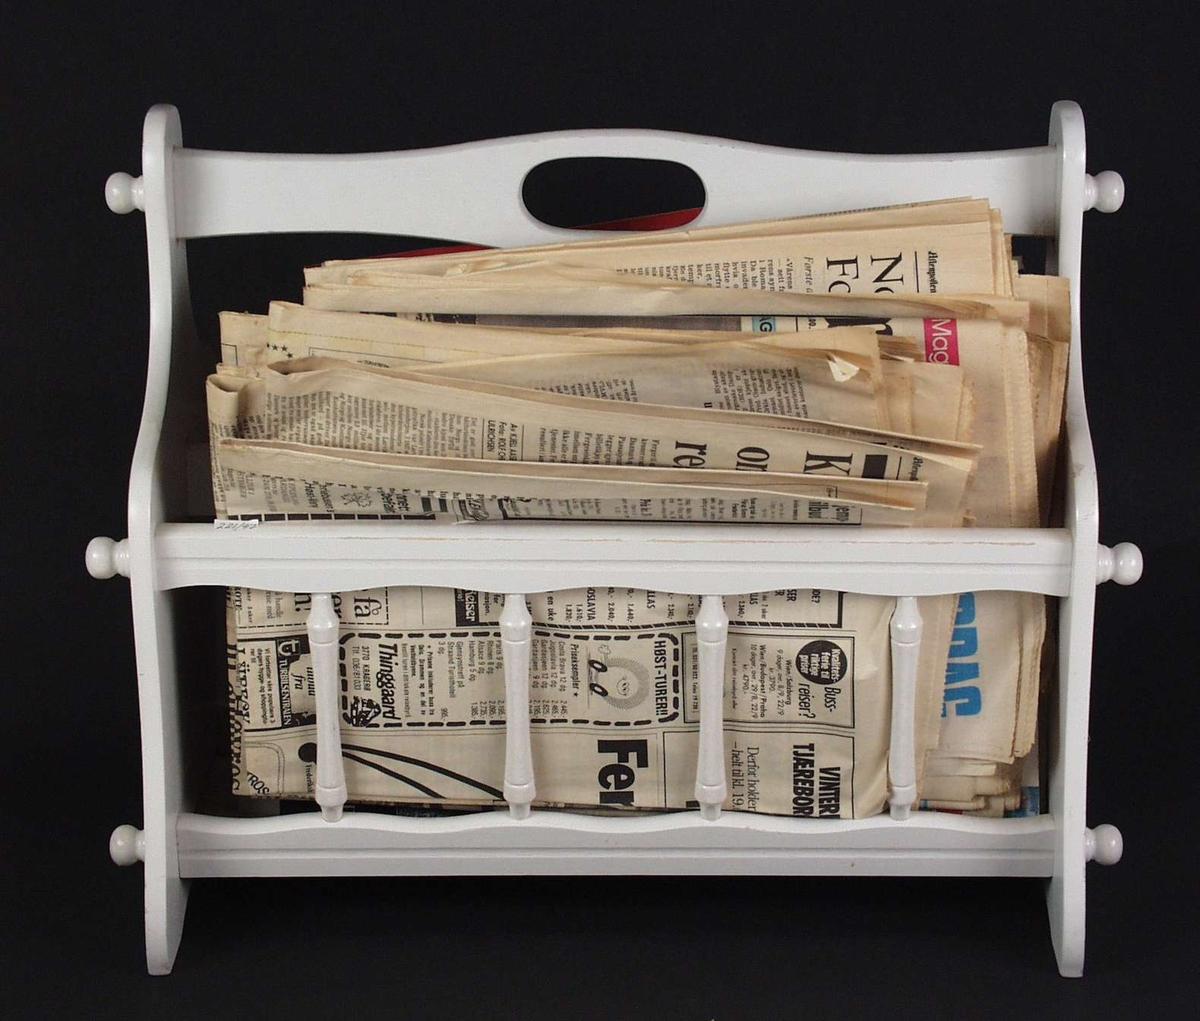 Hvitmalt aviskurv i tre. Den har et håndtak og grinder på sidene.